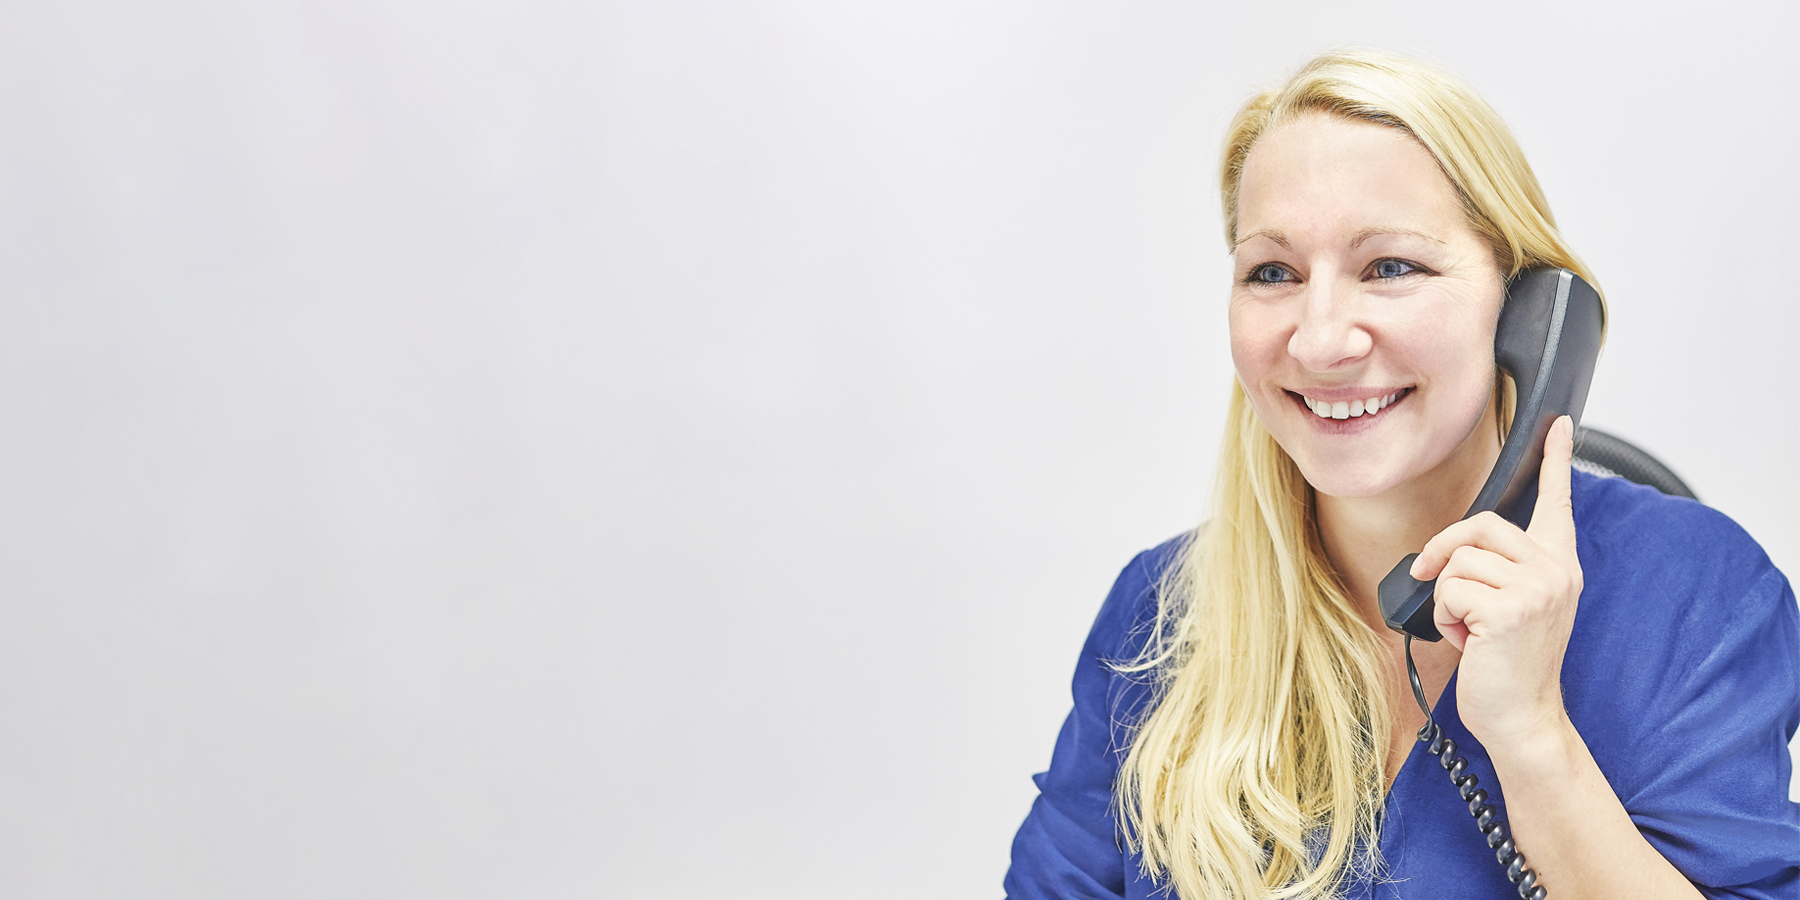 Fachzahnärztin für Kieferorthopädie - Freising Smile - Kontakt